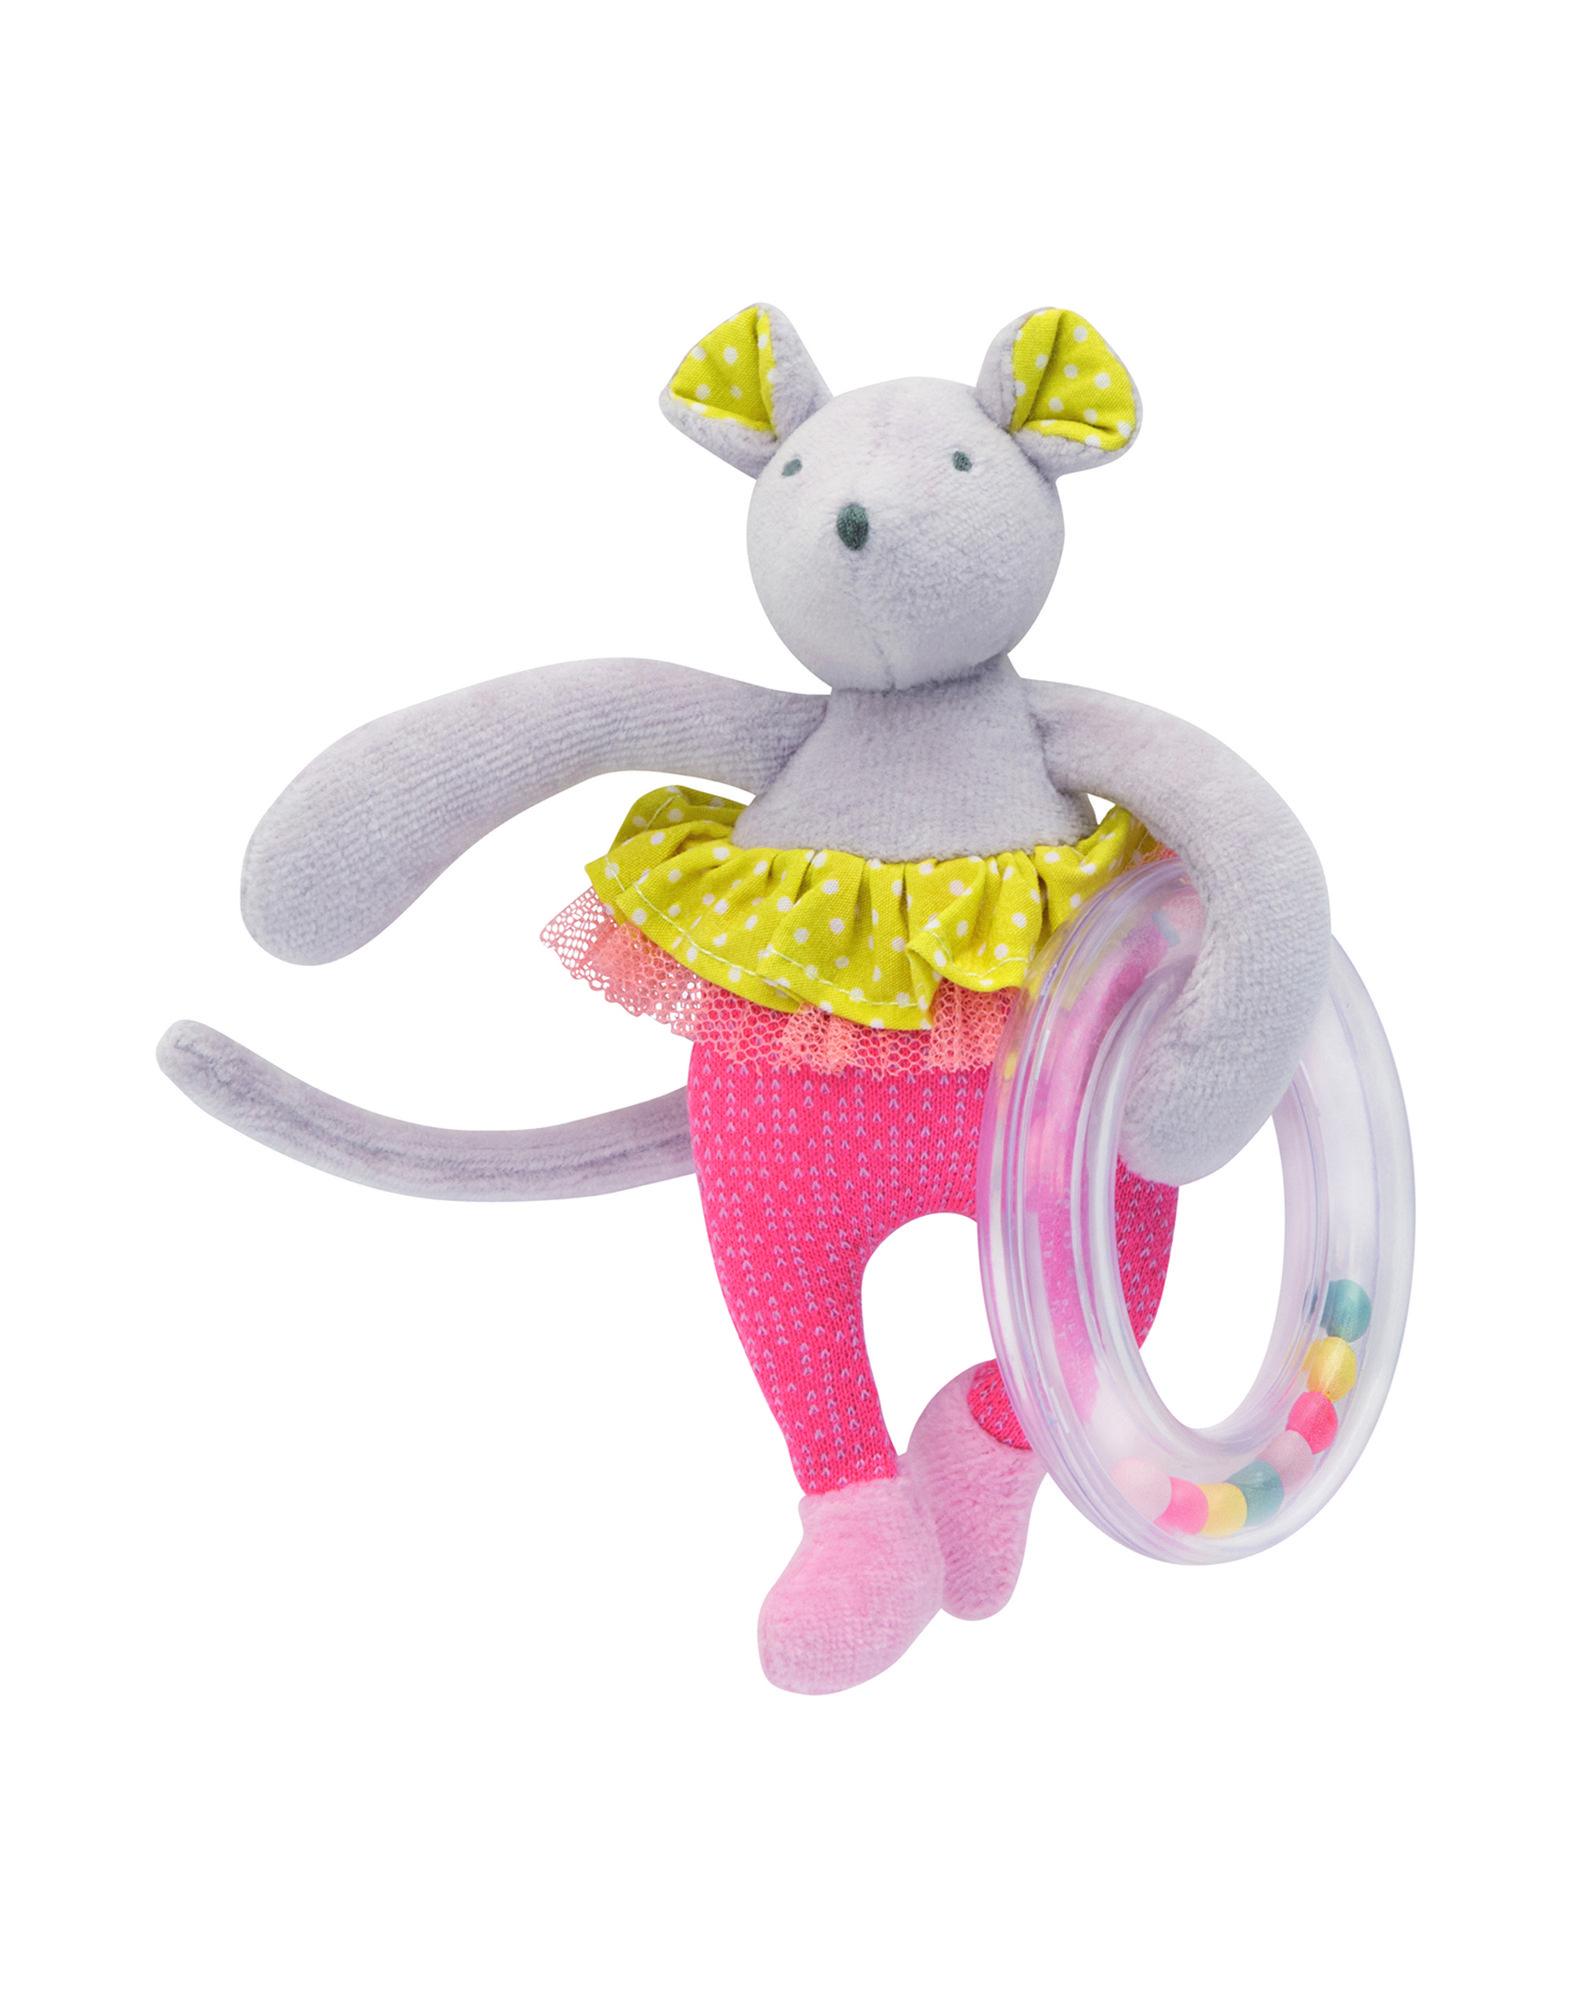 MOULIN ROTY Unisex Baby- und Kinderspielzeuge Farbe Grau Größe 1